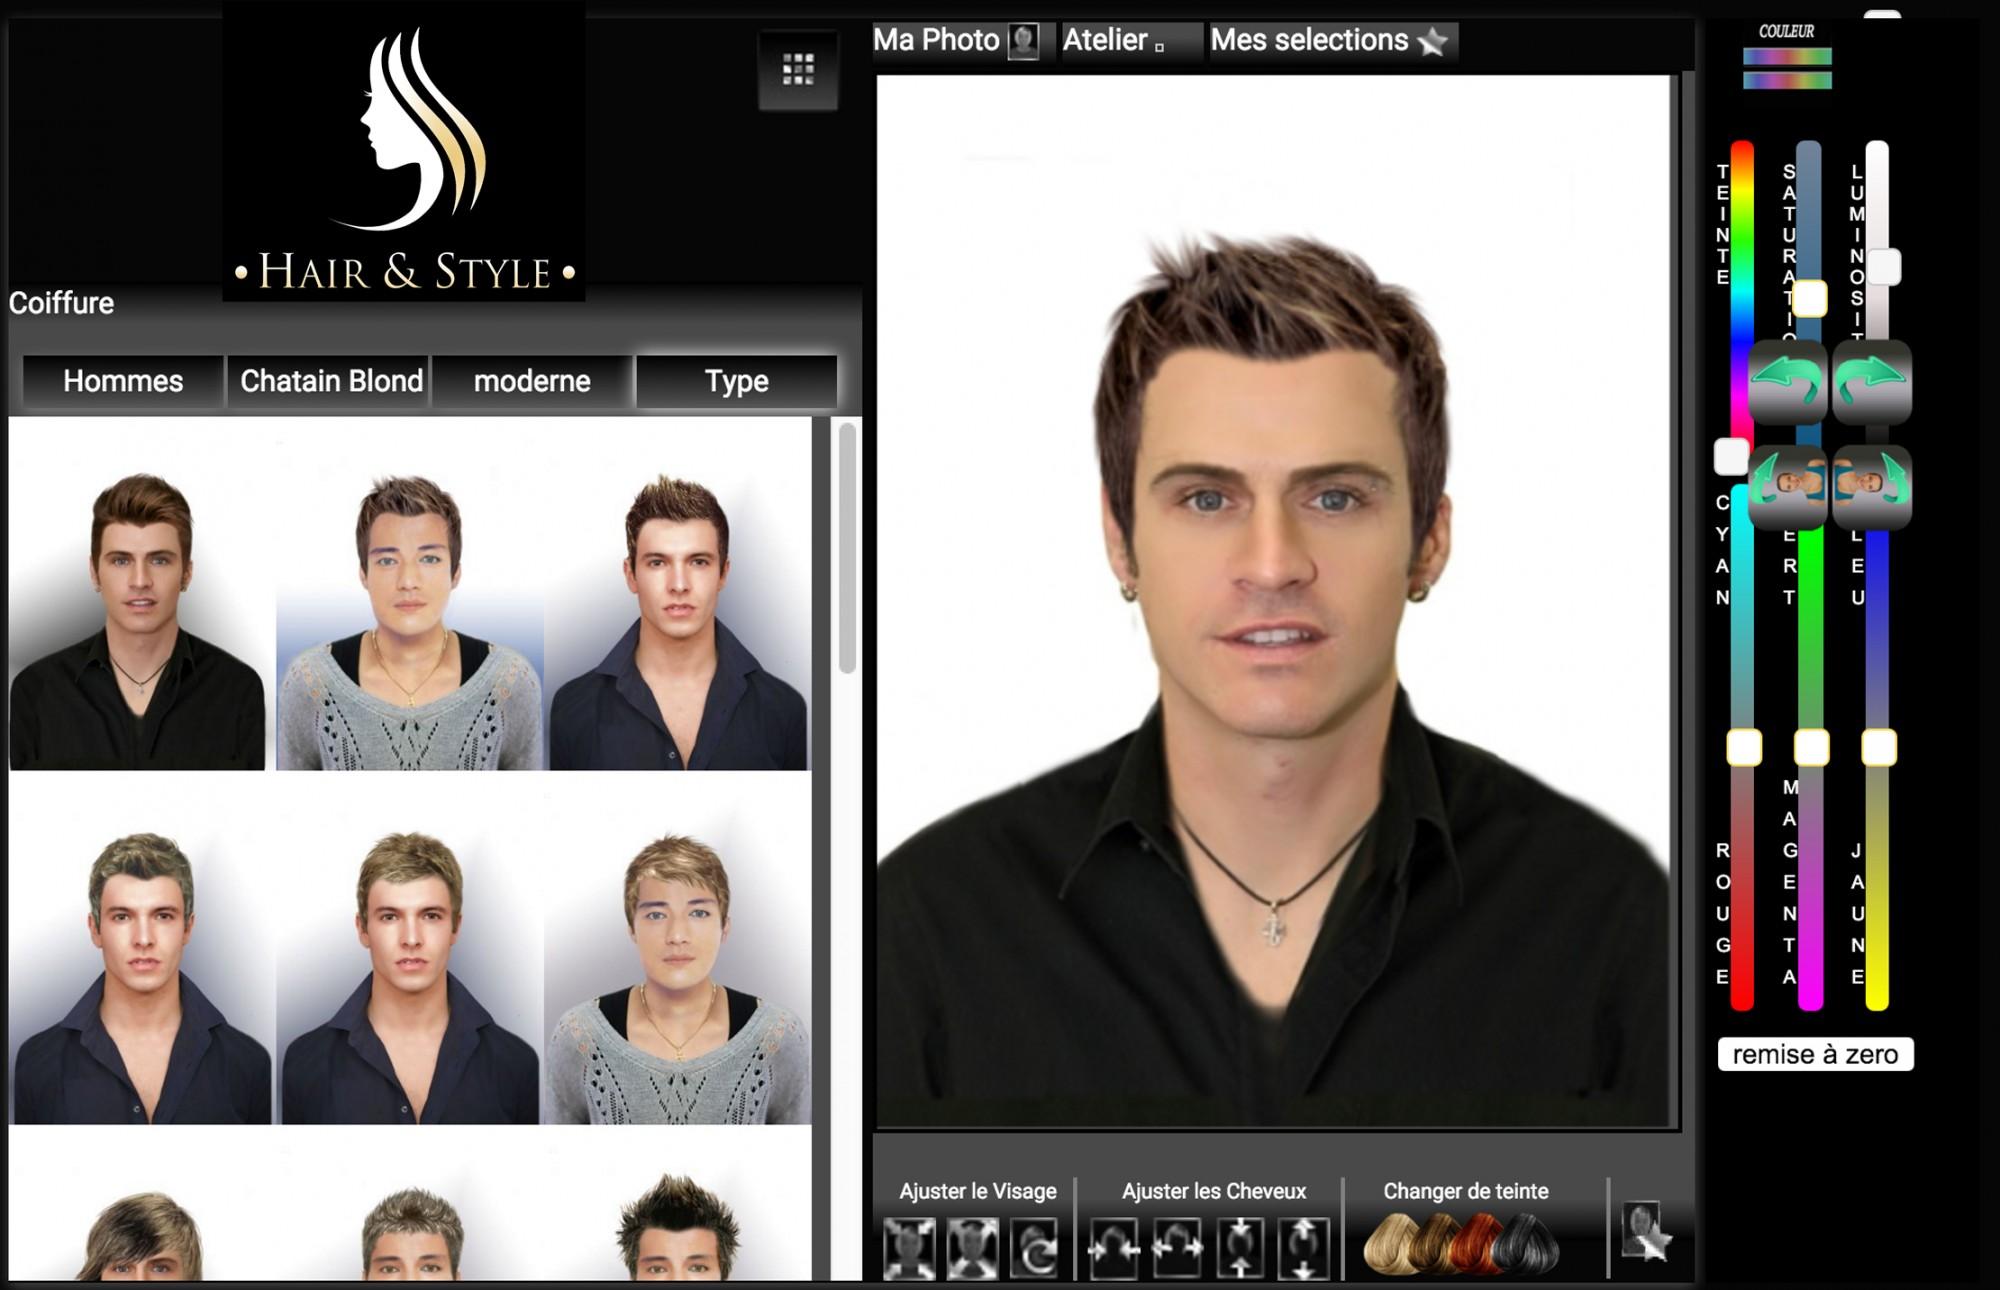 Tester une coupe de cheveux virtuellement homme for Tester coupe de cheveux en ligne homme